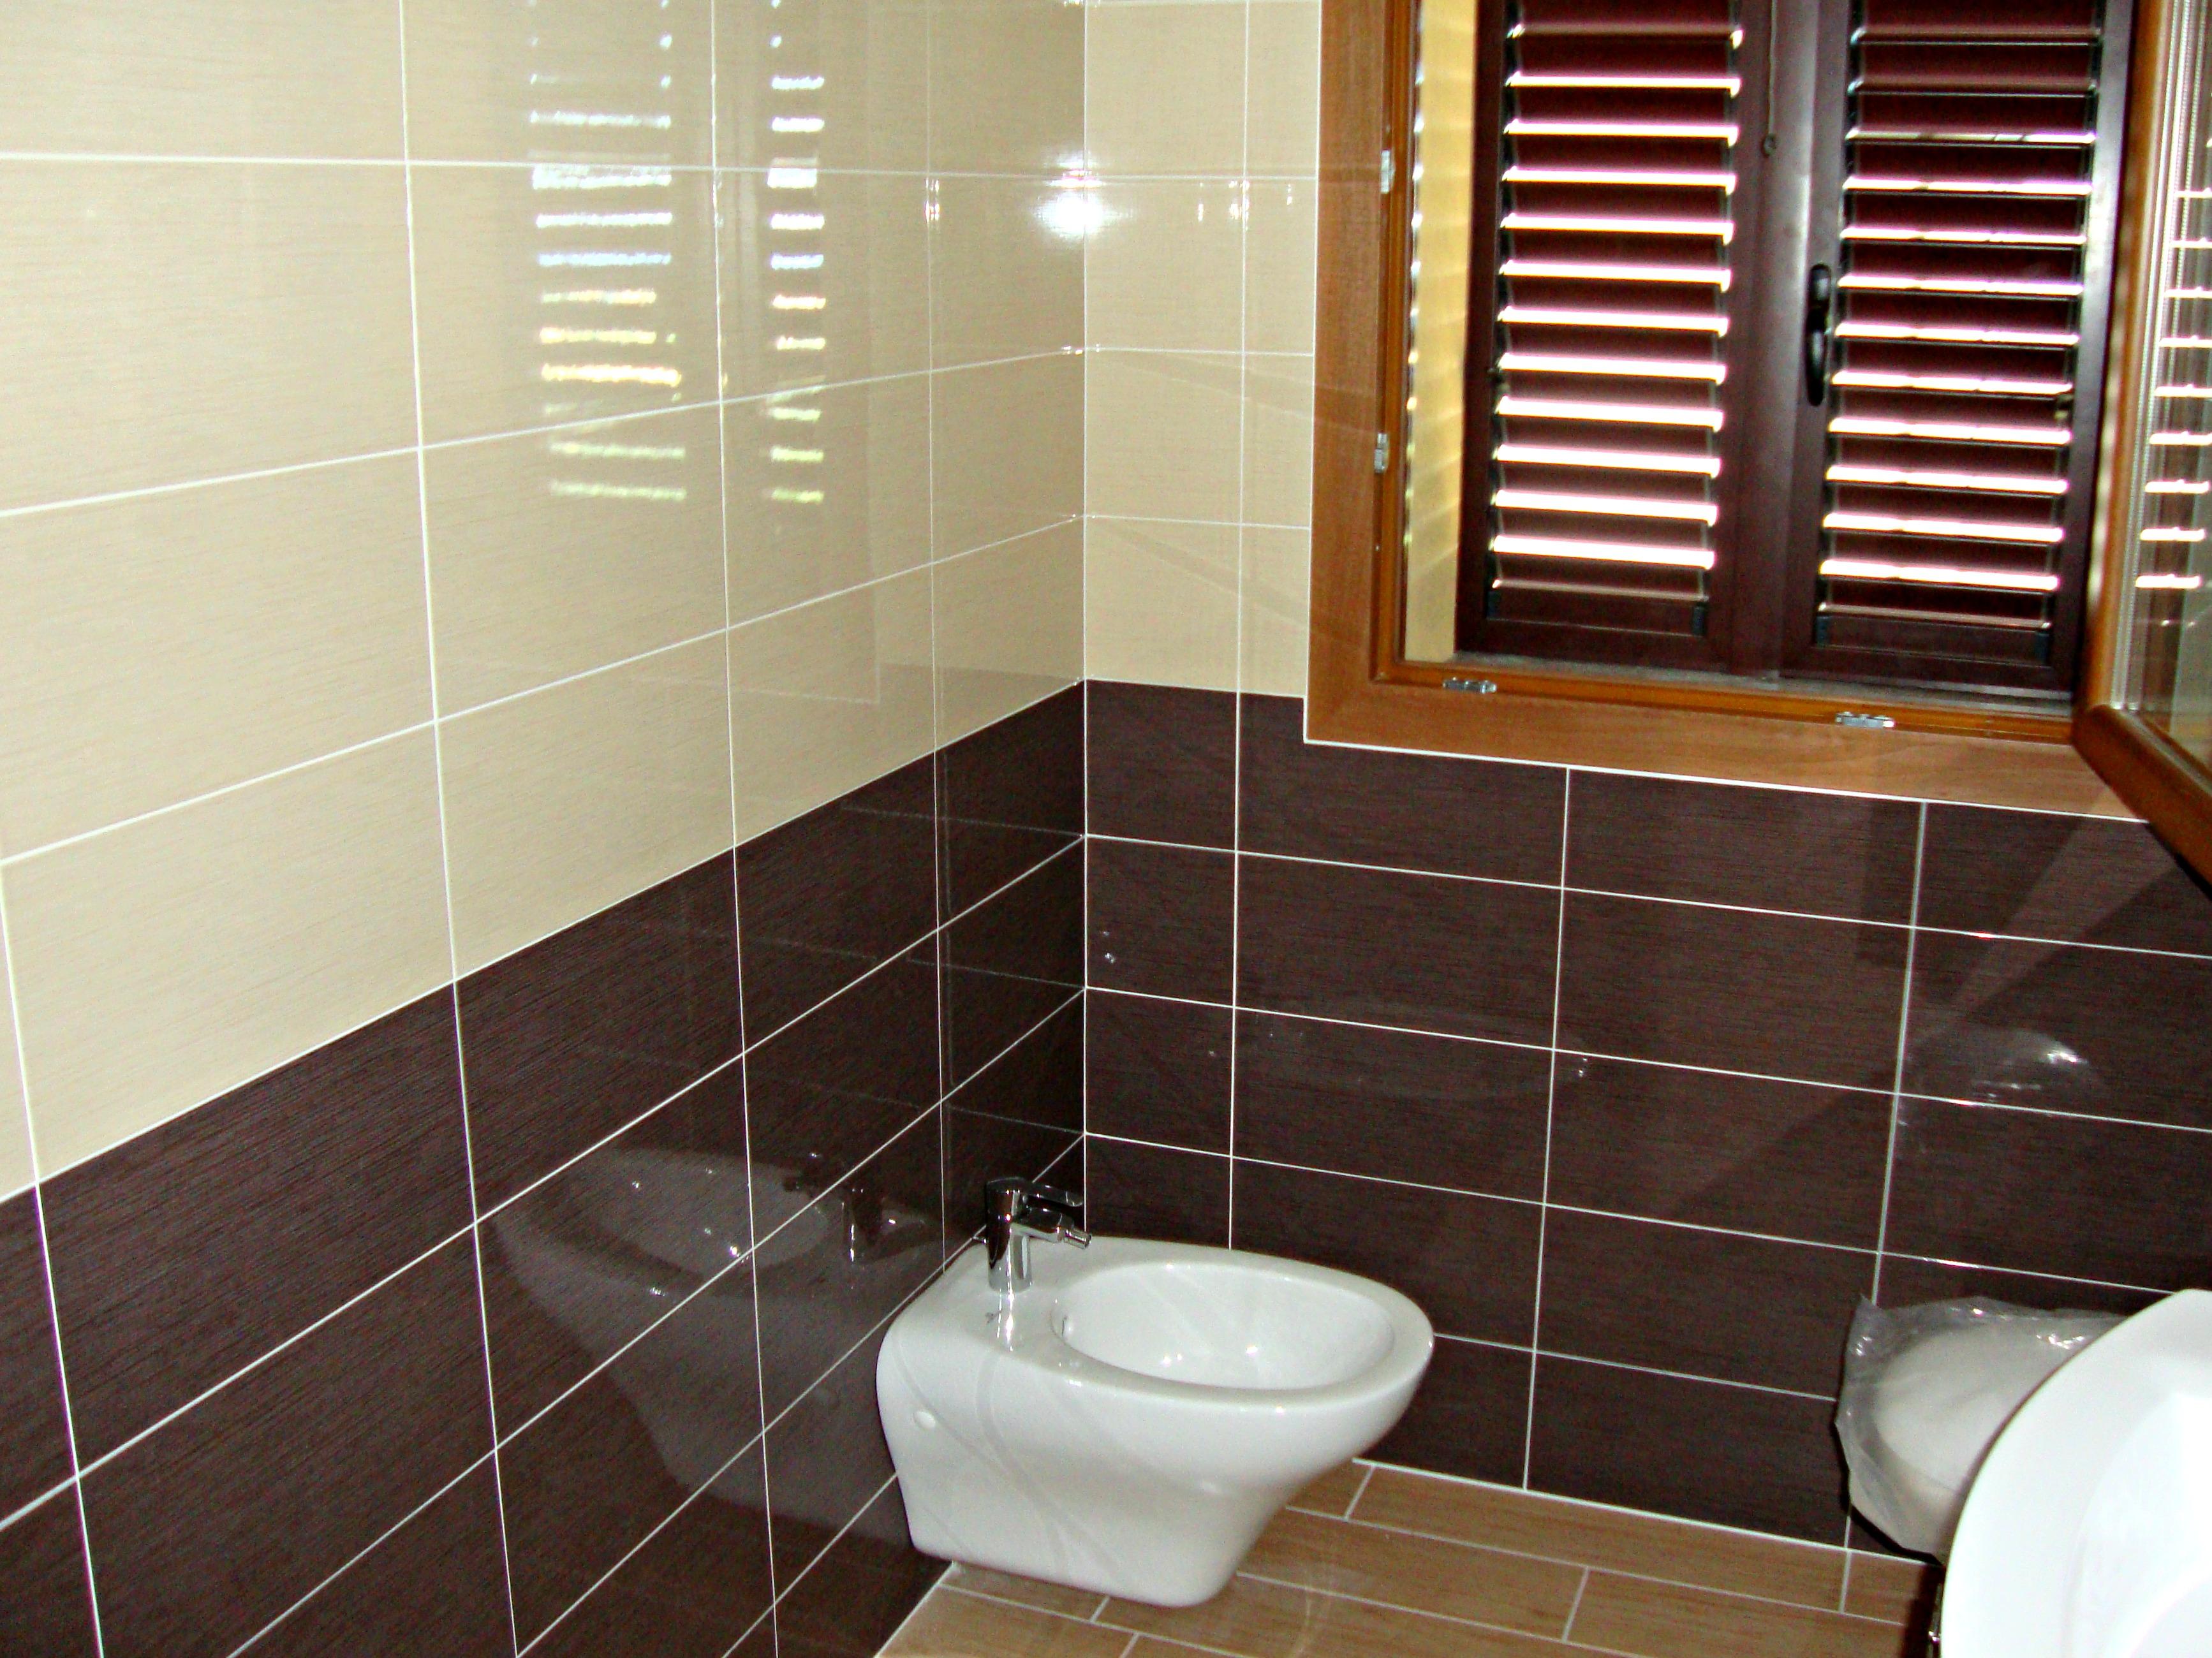 Pannelli decorativi in legno - Pannelli rivestimento bagno ...